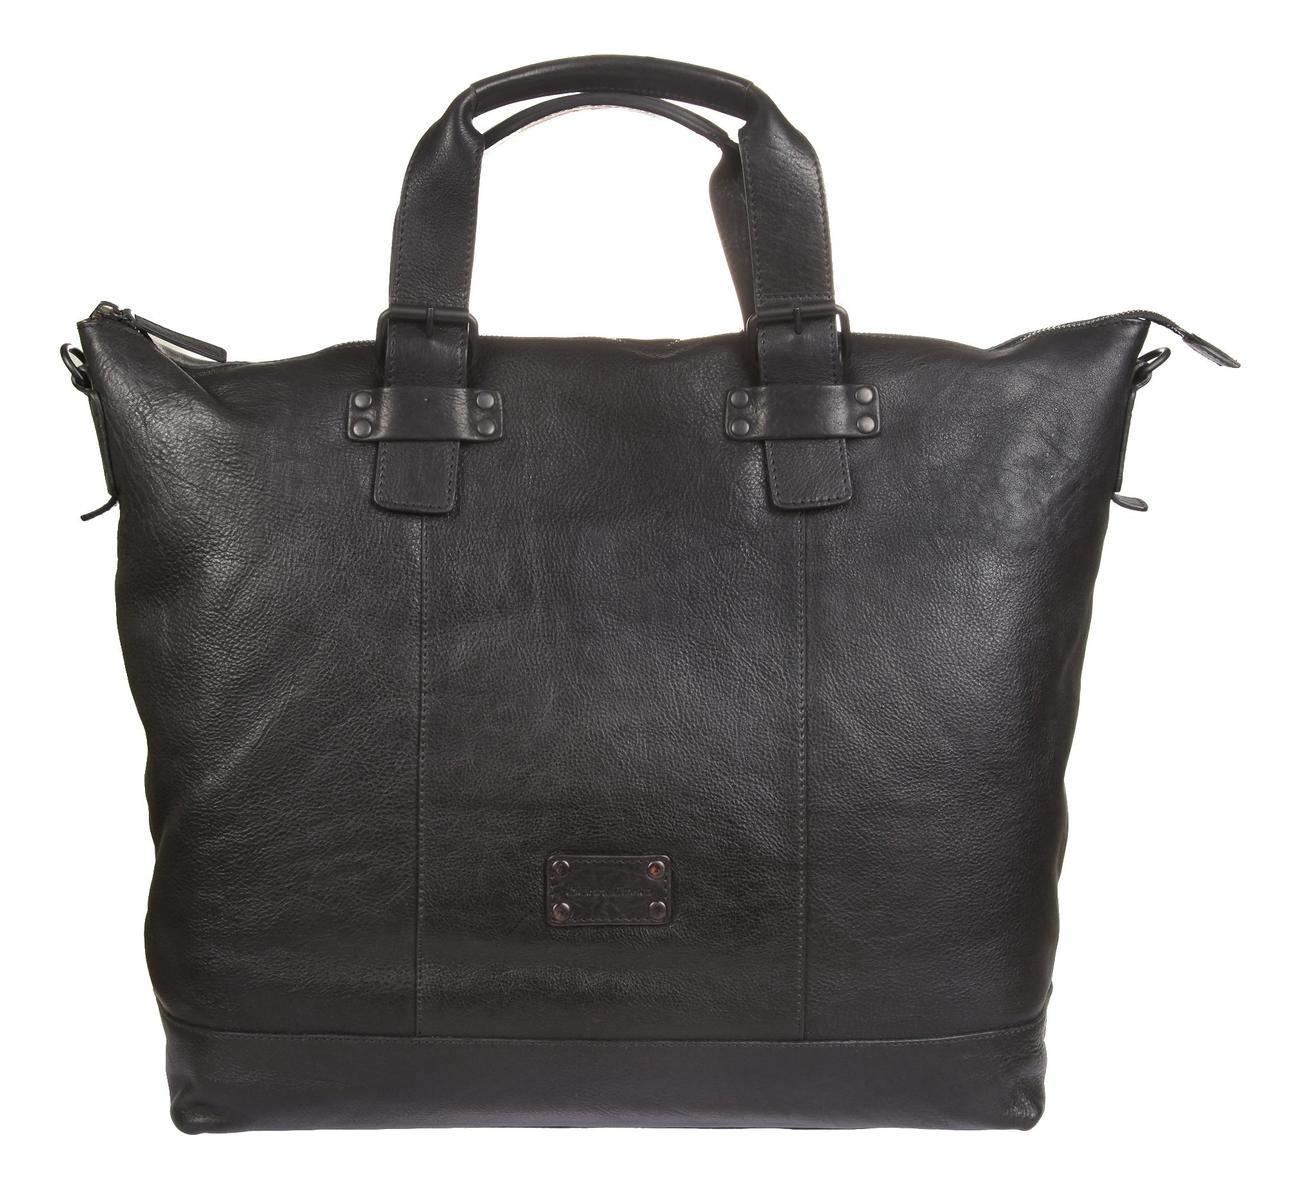 Дорожная сумка Black 1132074 (черная) кожаные сумки gianni conti 1482307 black